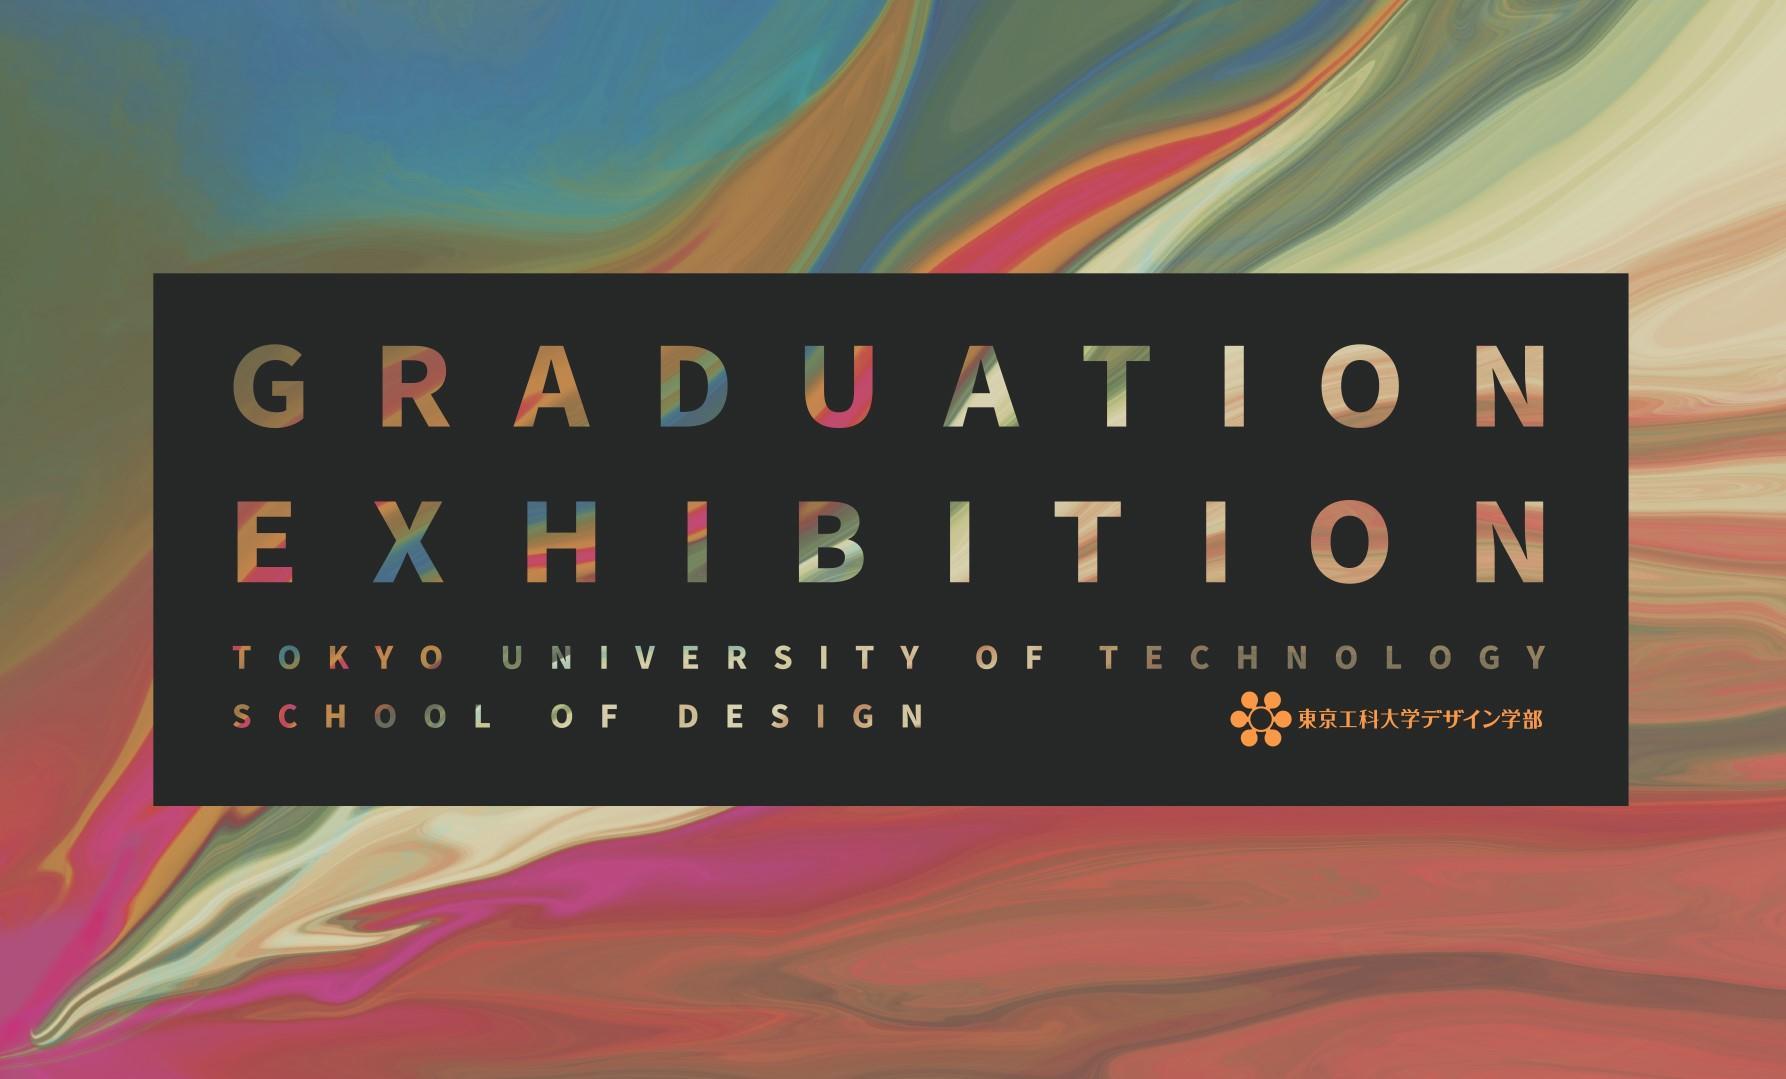 「卒業制作オンライン展示」特設サイトにて期間限定公開 -- 東京工科大学デザイン学部